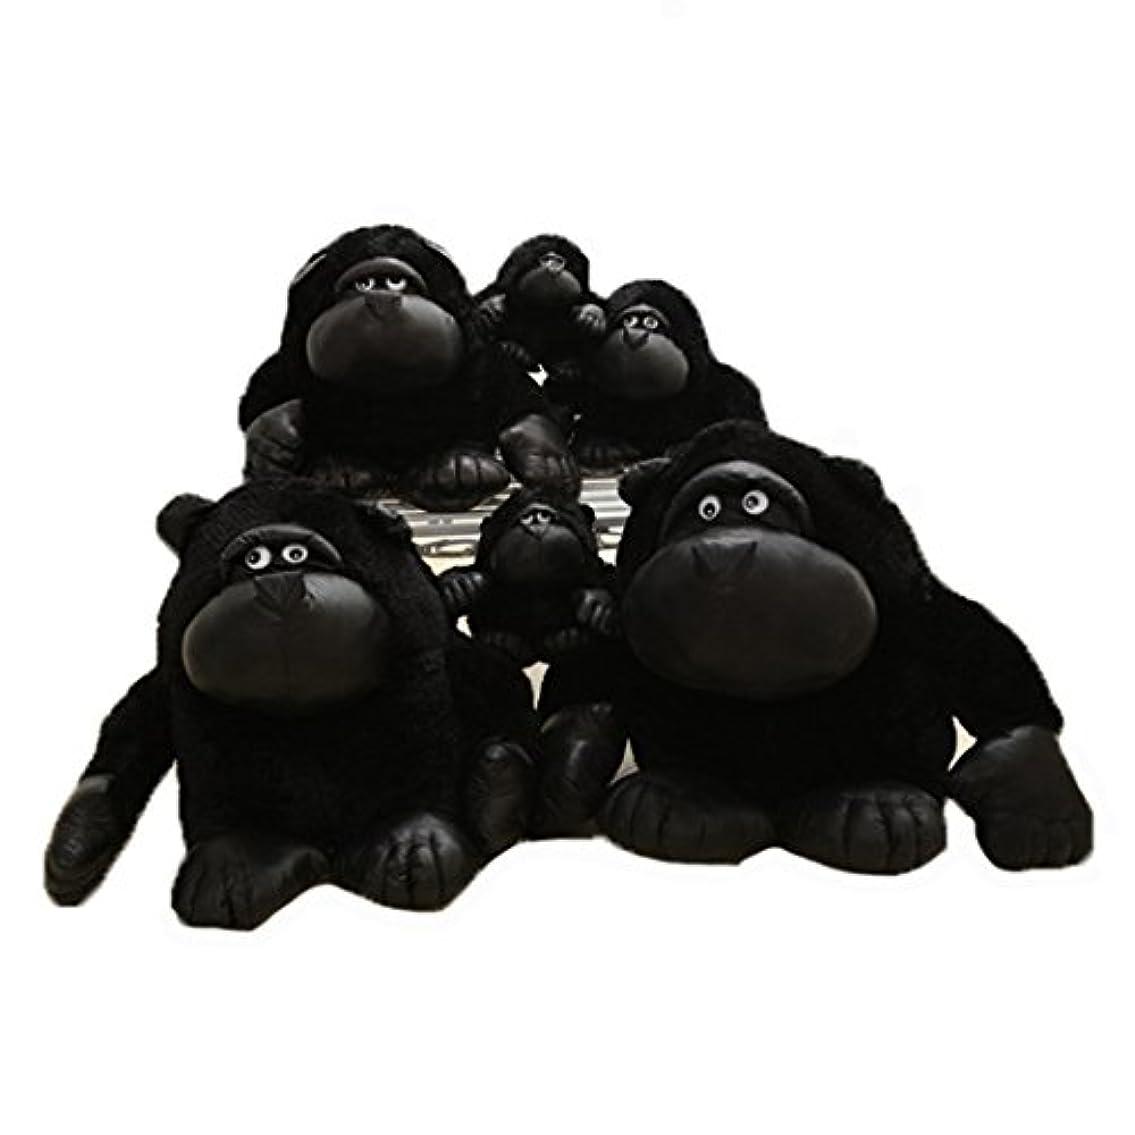 落ち込んでいる出します測定可能[XINXIKEJI] ぬいぐるみ ゴリラ 抱き枕 ぬいぐるみ 可愛いゴリラ 動物 大きい ゴリラ 縫い包みチンパンジー お祝い ふわふわ お人形 女の子 男の子 子供 女性 抱き枕 プレゼント ビッグサイズ 55CM